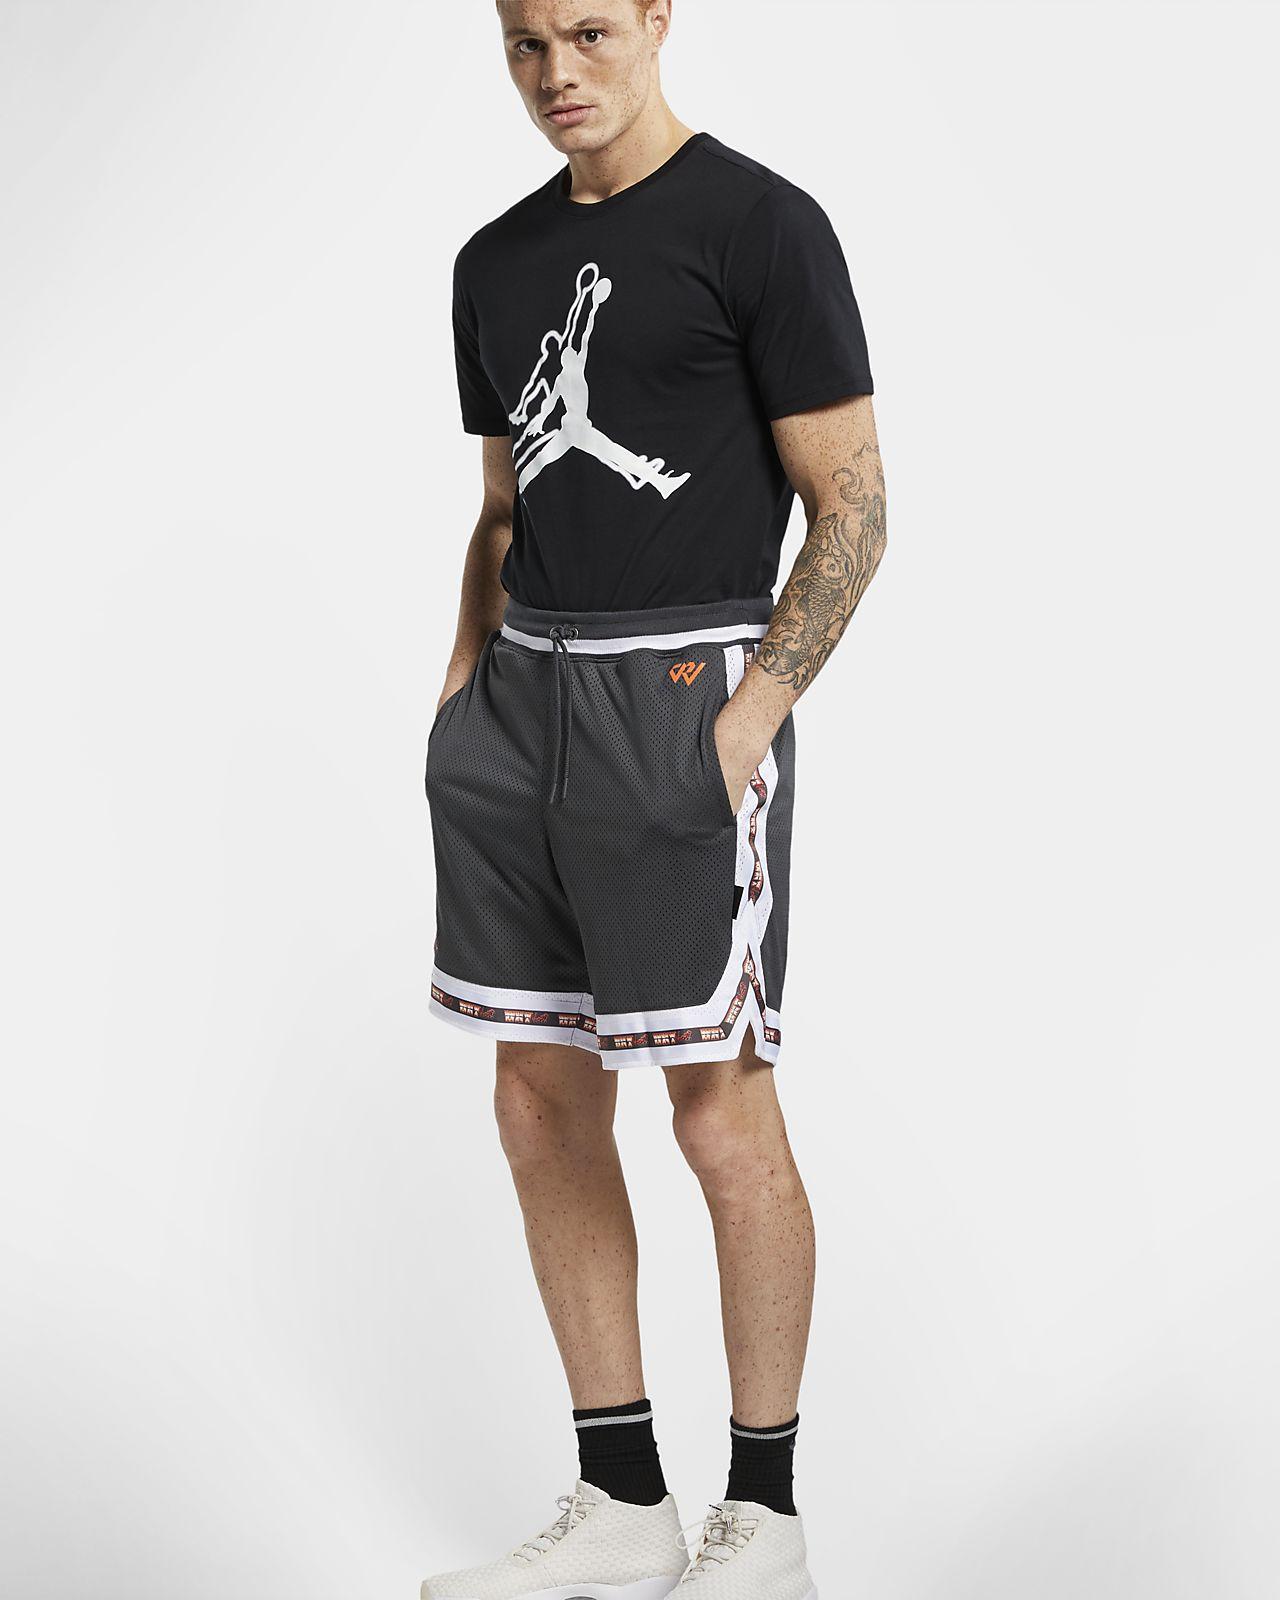 8829f1be4d74e0 Jordan x RW Men s Mesh Shorts. Nike.com